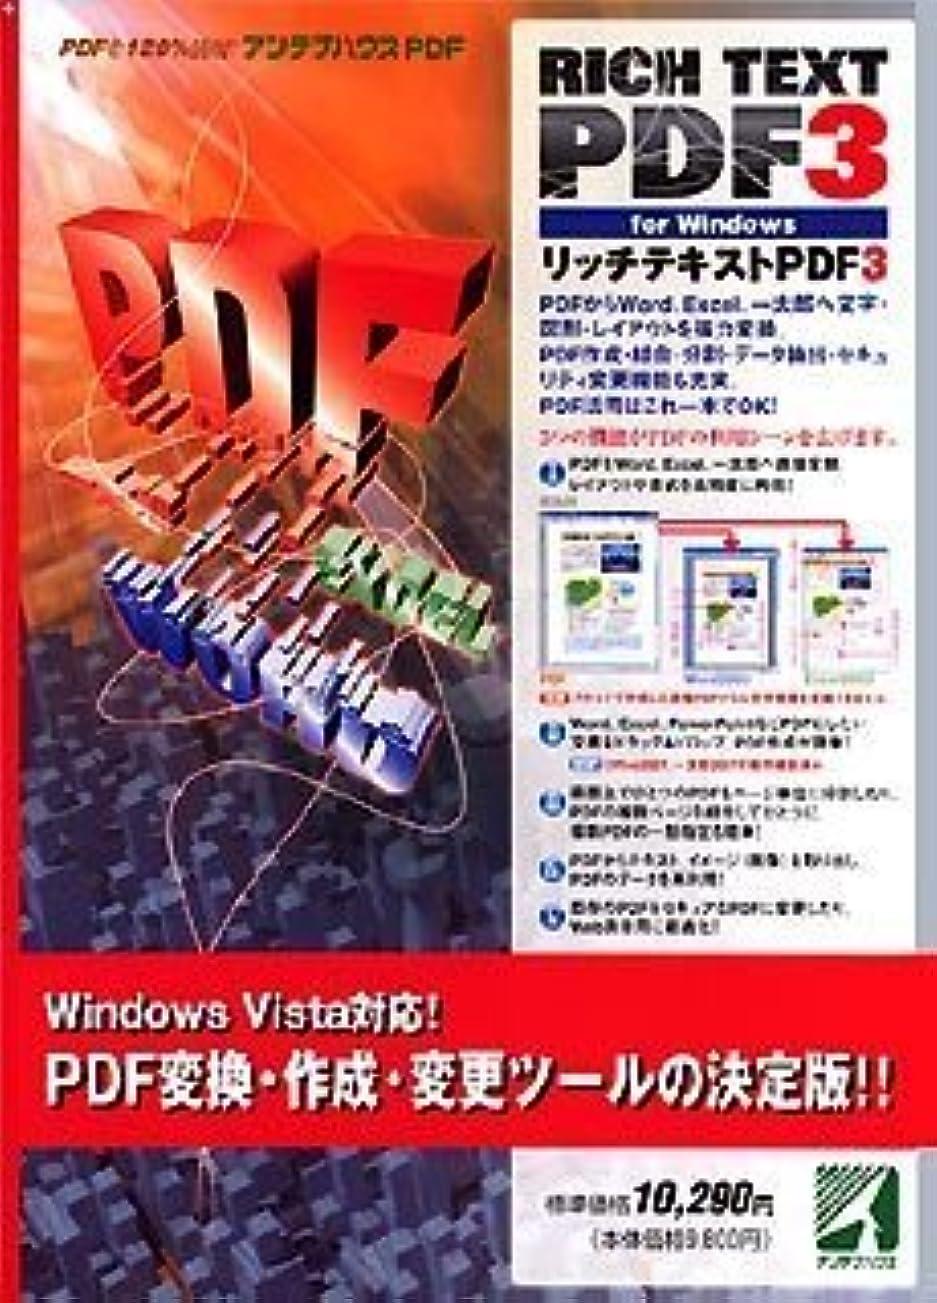 百万認知後ろ、背後、背面(部リッチテキストPDF 3 for Windows